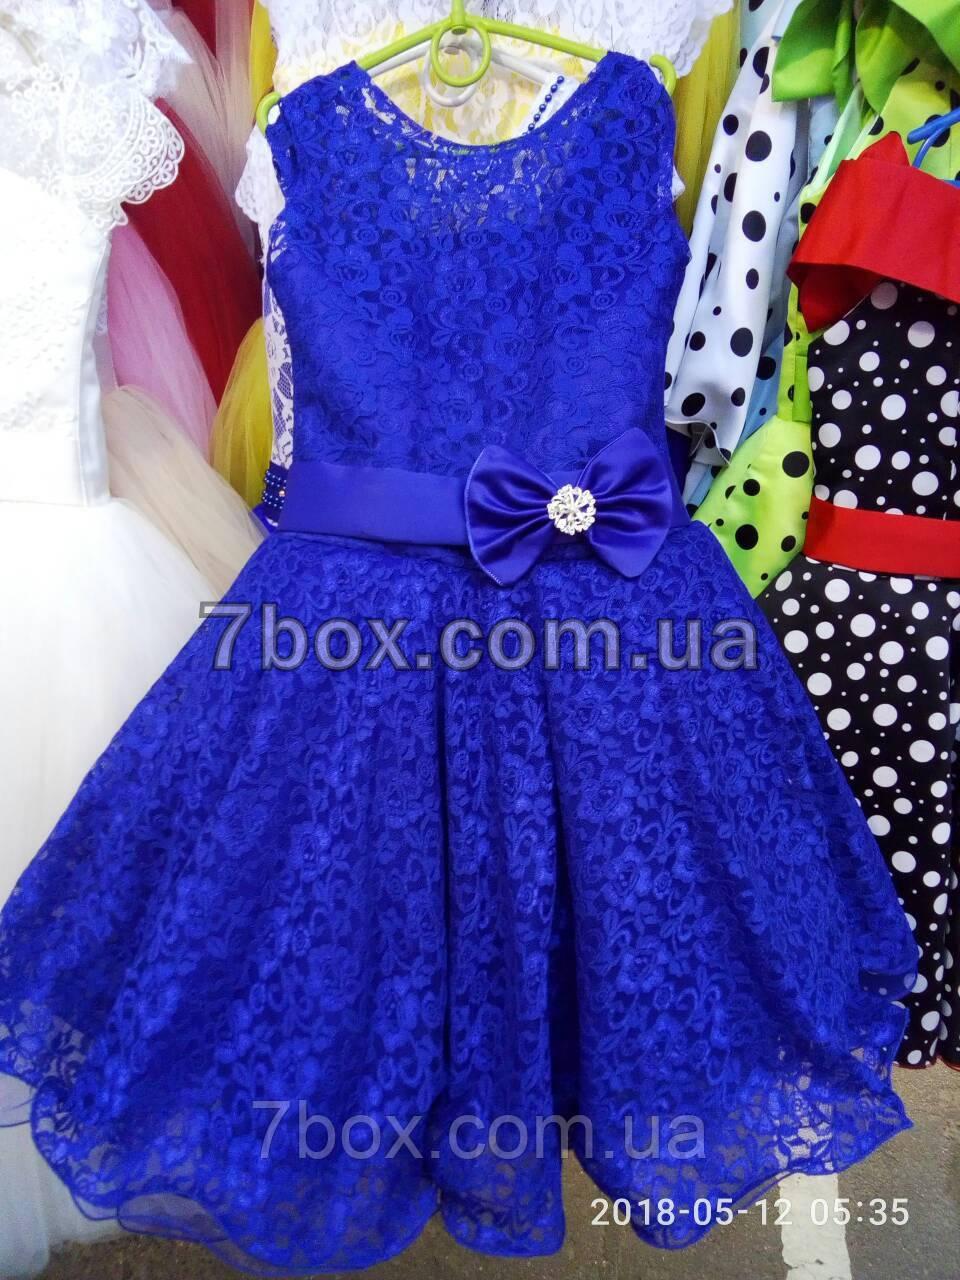 Дитяча сукня бальна Красотуля (синє) Вік 6 років.